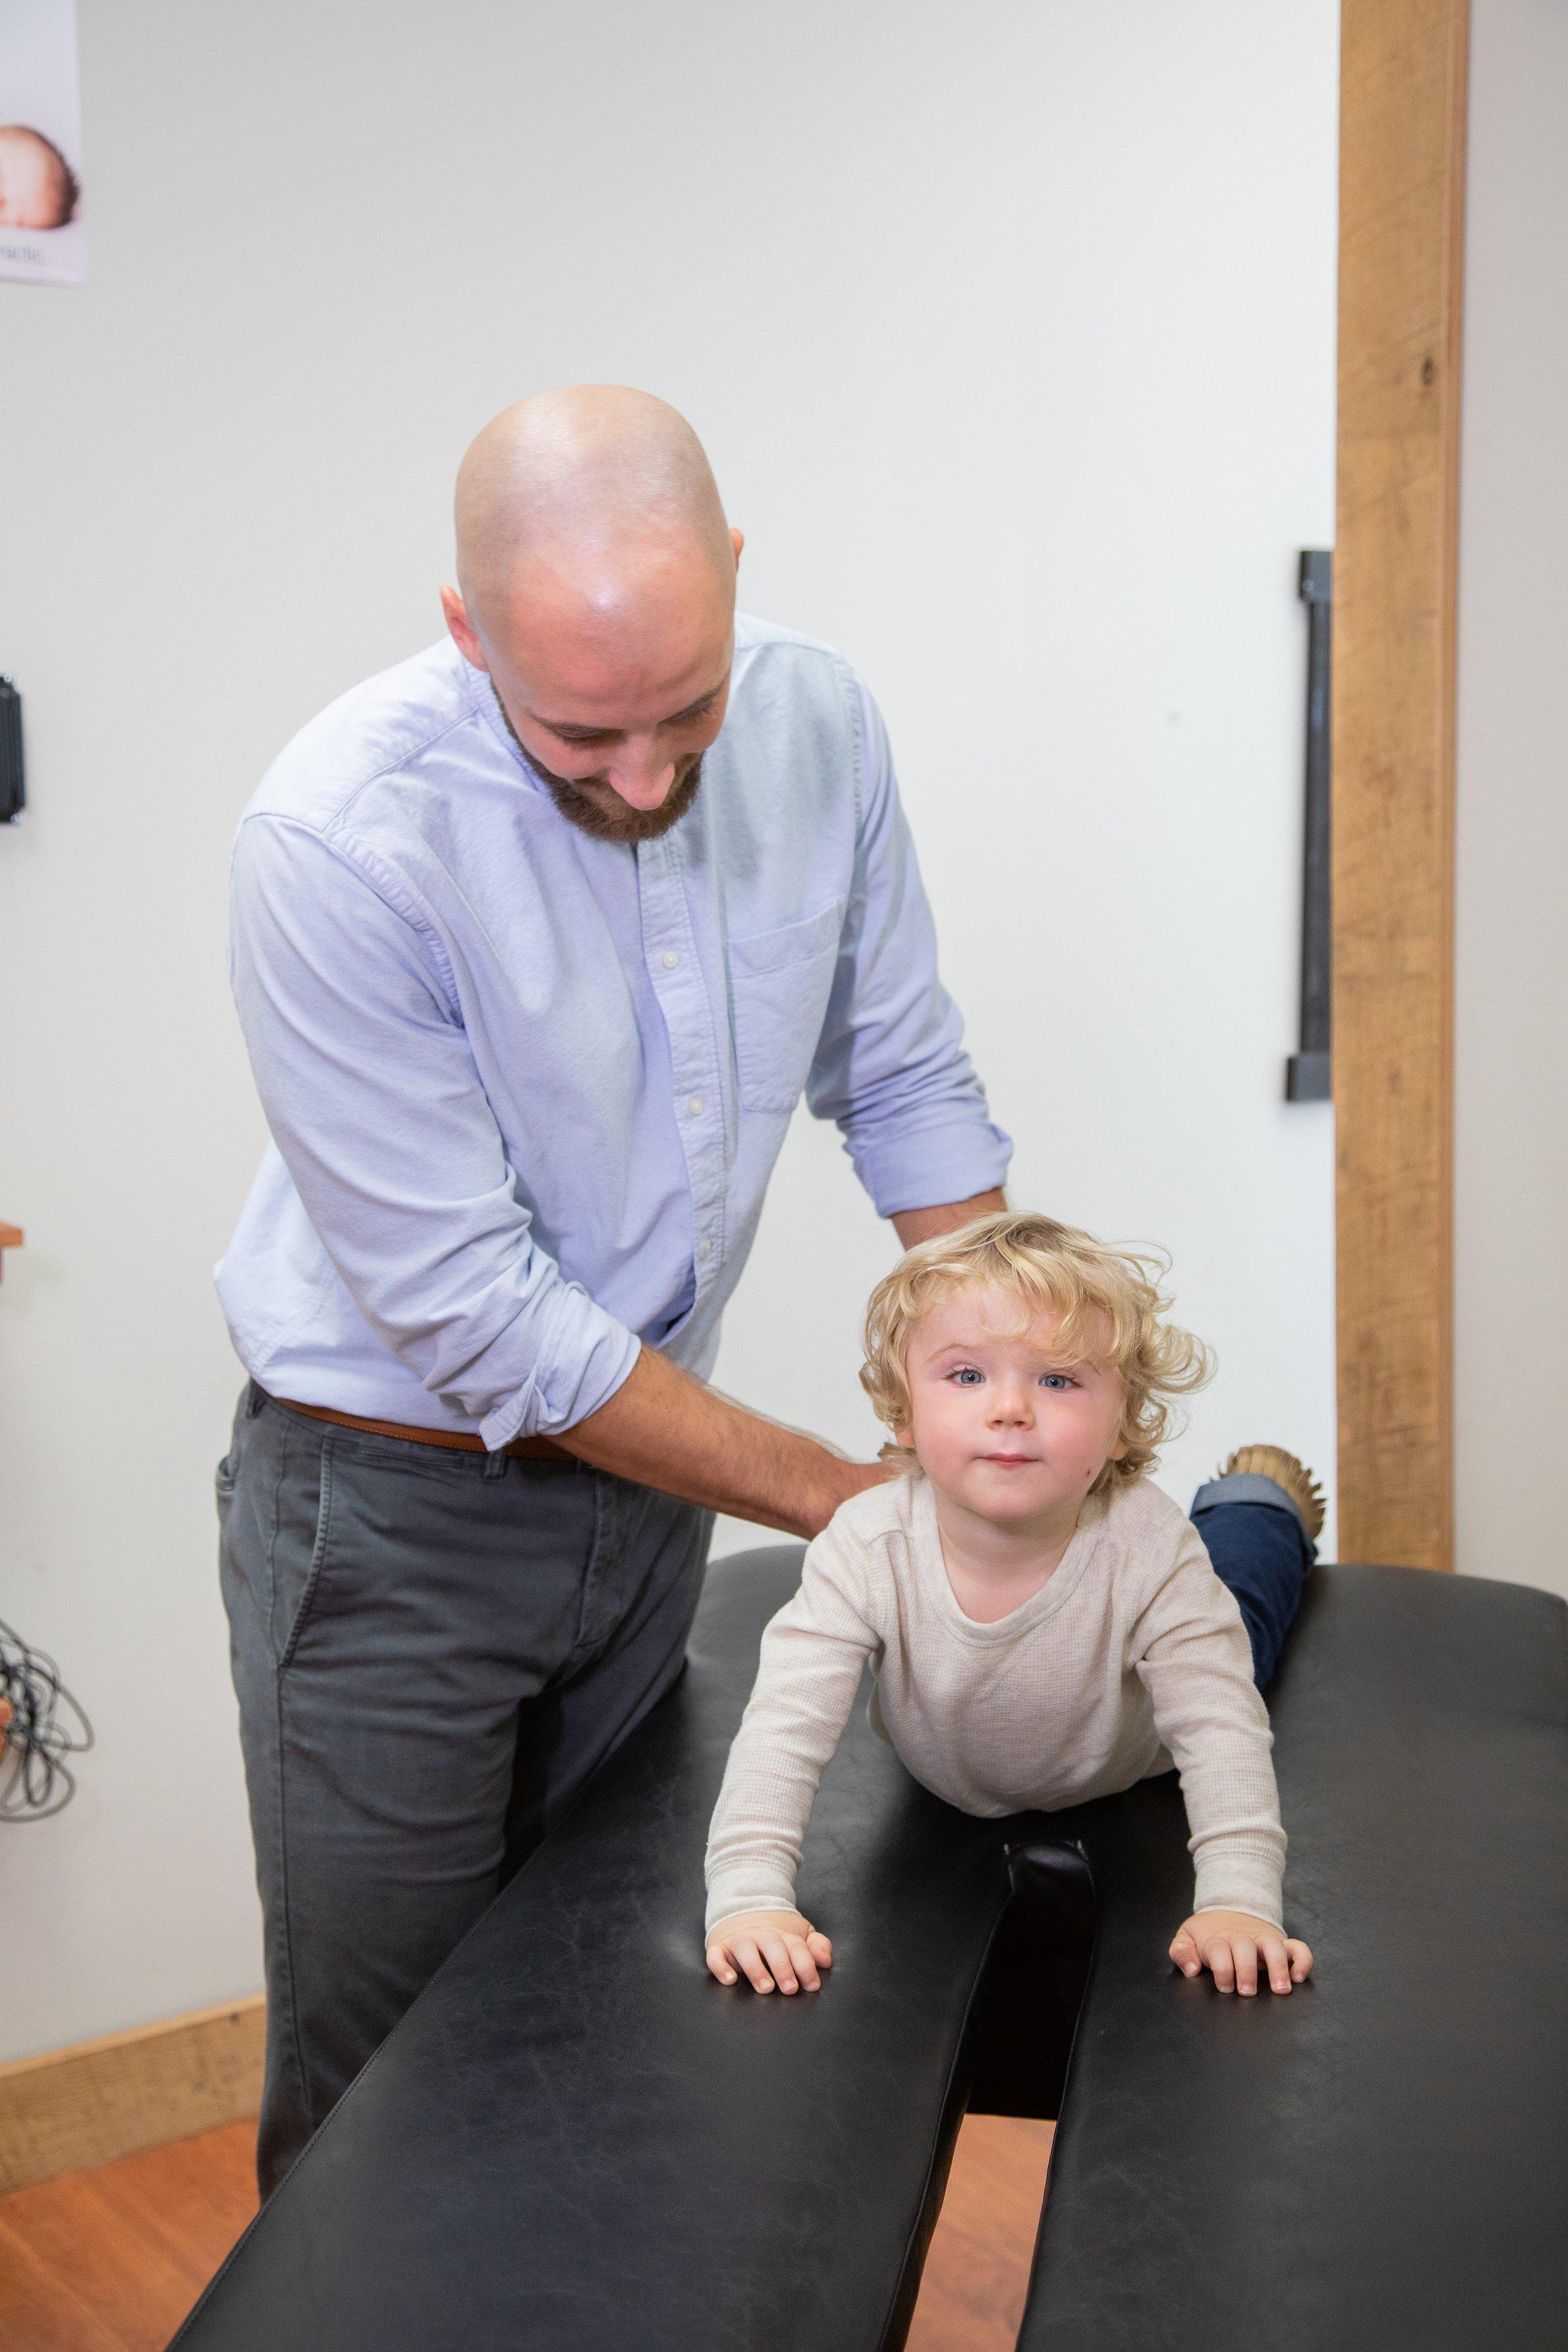 chiropractor-adjusting-kid-child.jpg